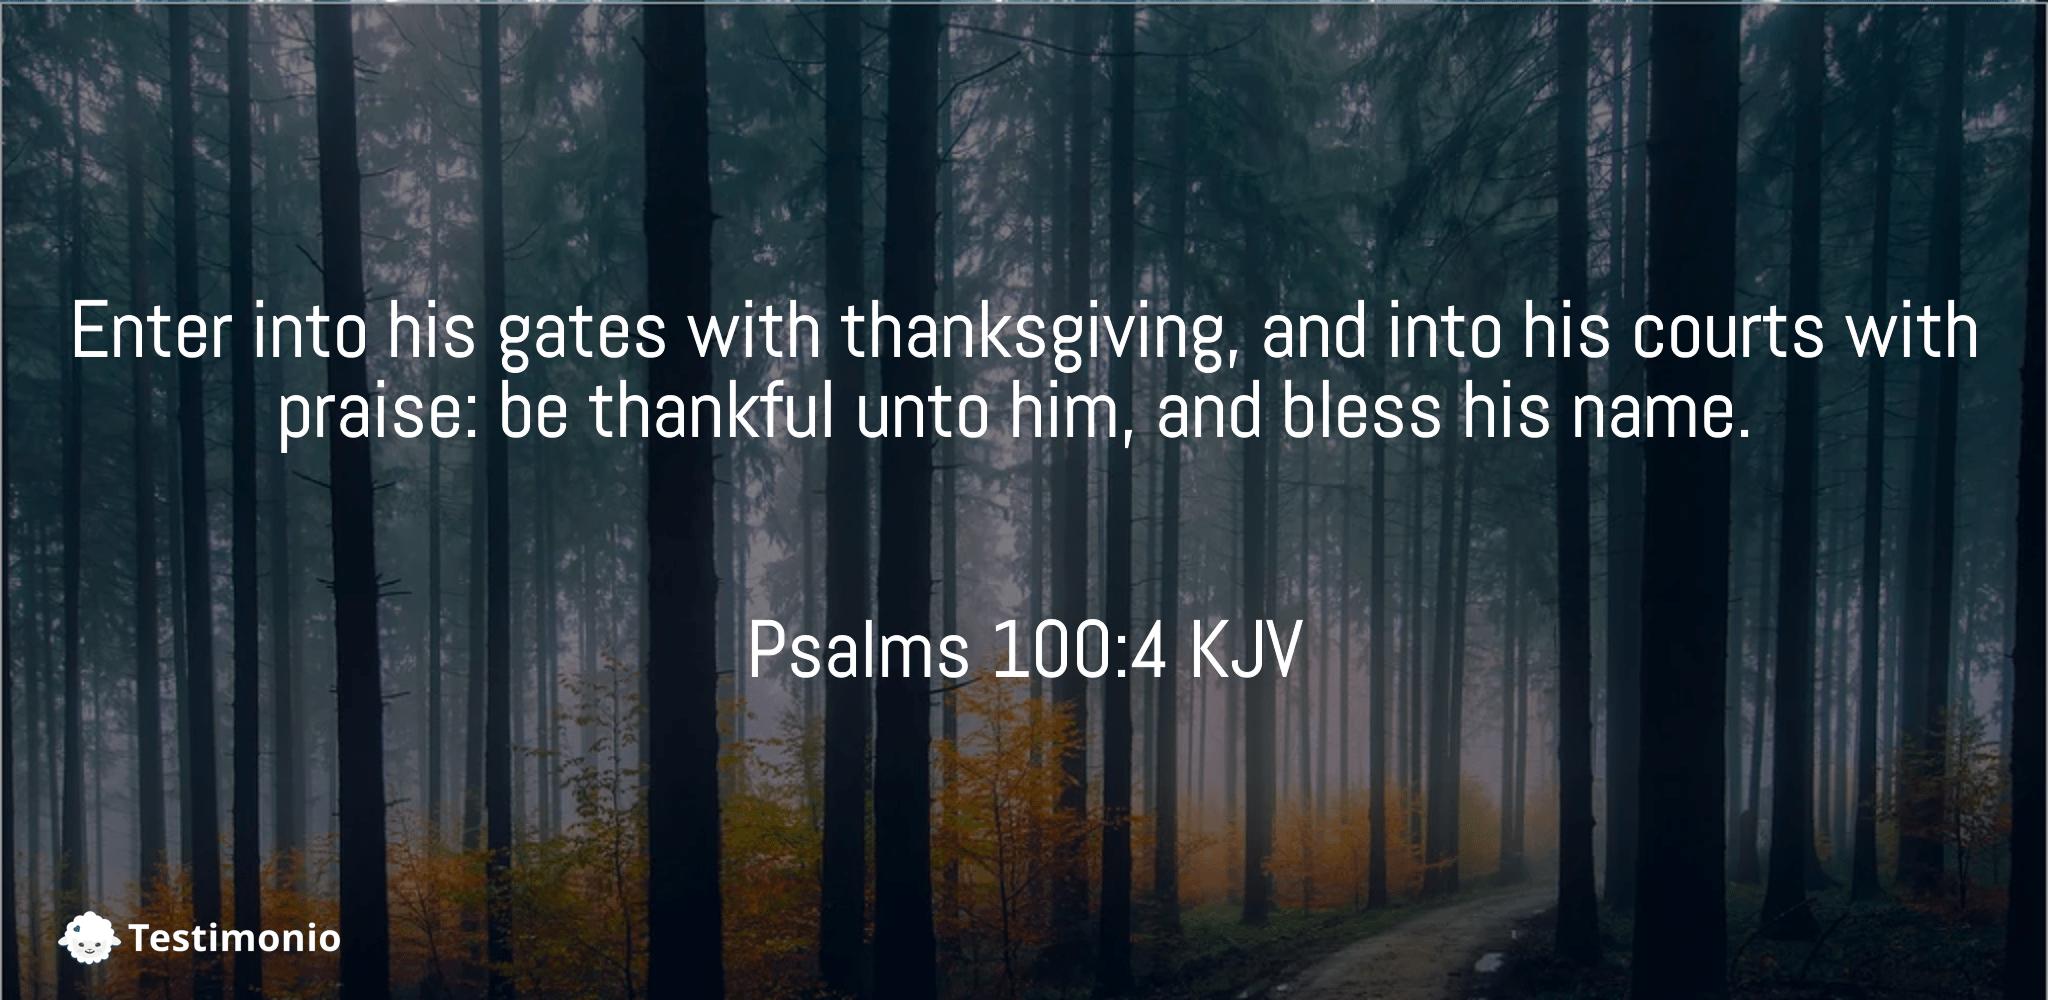 Psalms 100:4